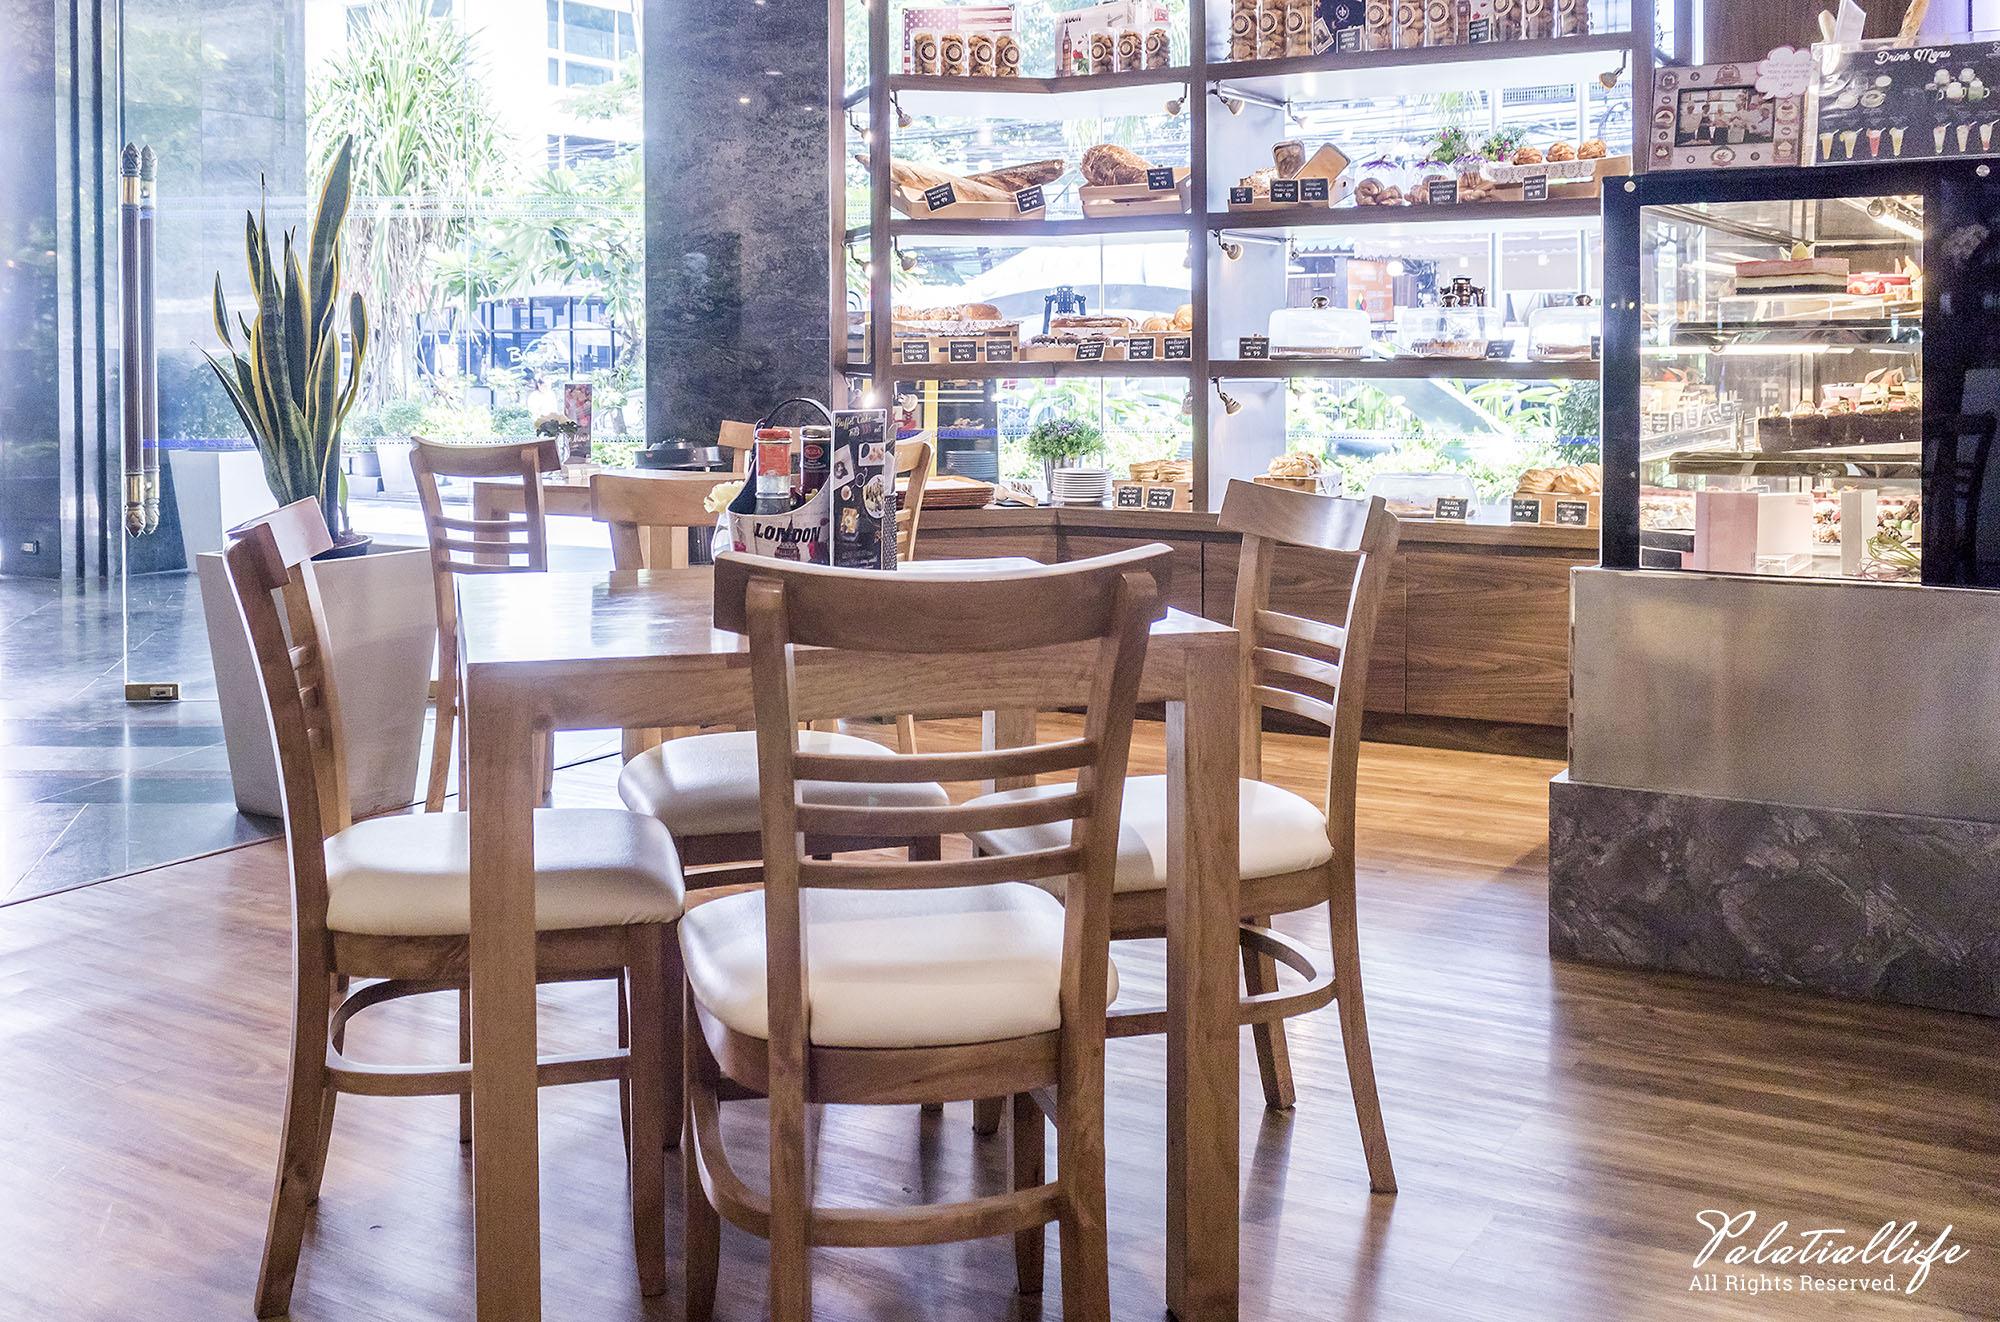 Coco's Cafe โรงแรม Bangkok Hotel Lotus Sukhumvit  Coco's Cafe โรงแรม Bangkok Hotel Lotus Sukhumvit ชวนไปลิ้มลองอาหารอินเดียพิเศษ IMG 5340